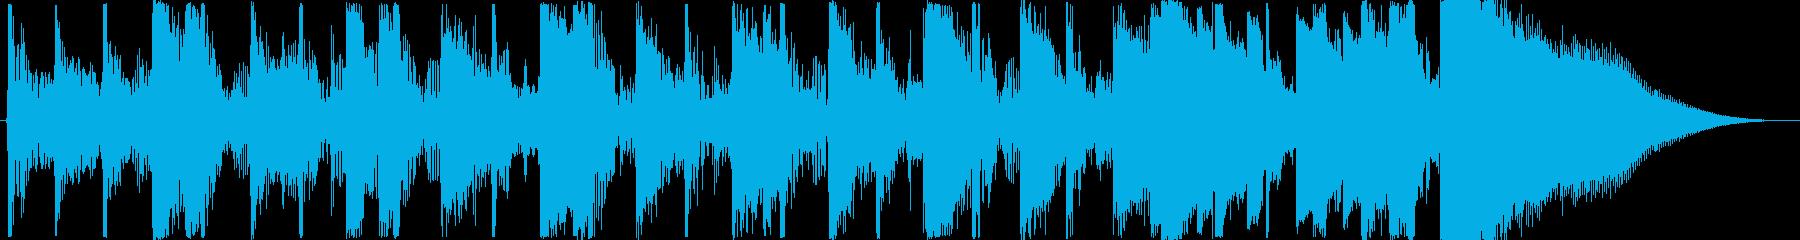 【生演奏ギター】ダンディブルースEDOPの再生済みの波形